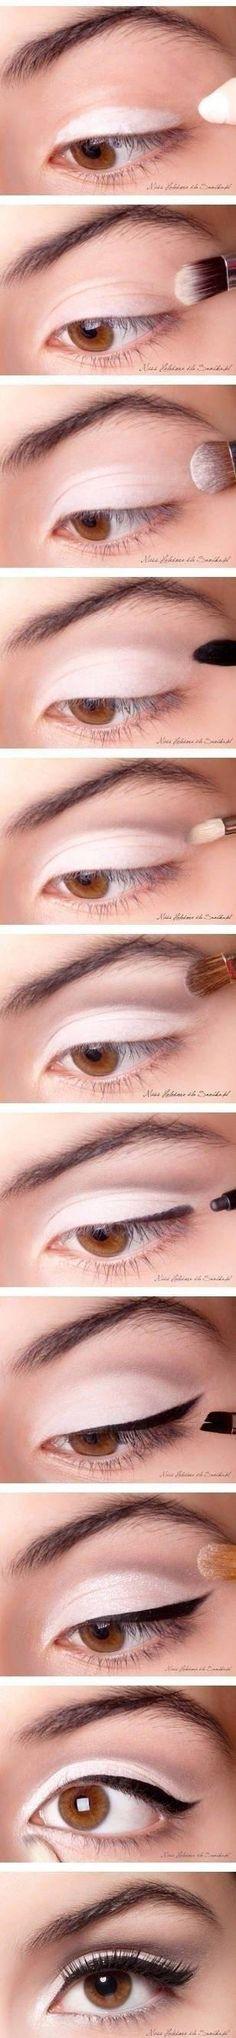 Zobacz zdjęcie rozświetlający make up oczu z kreską- krok po kroku w pełnej rozdzielczości